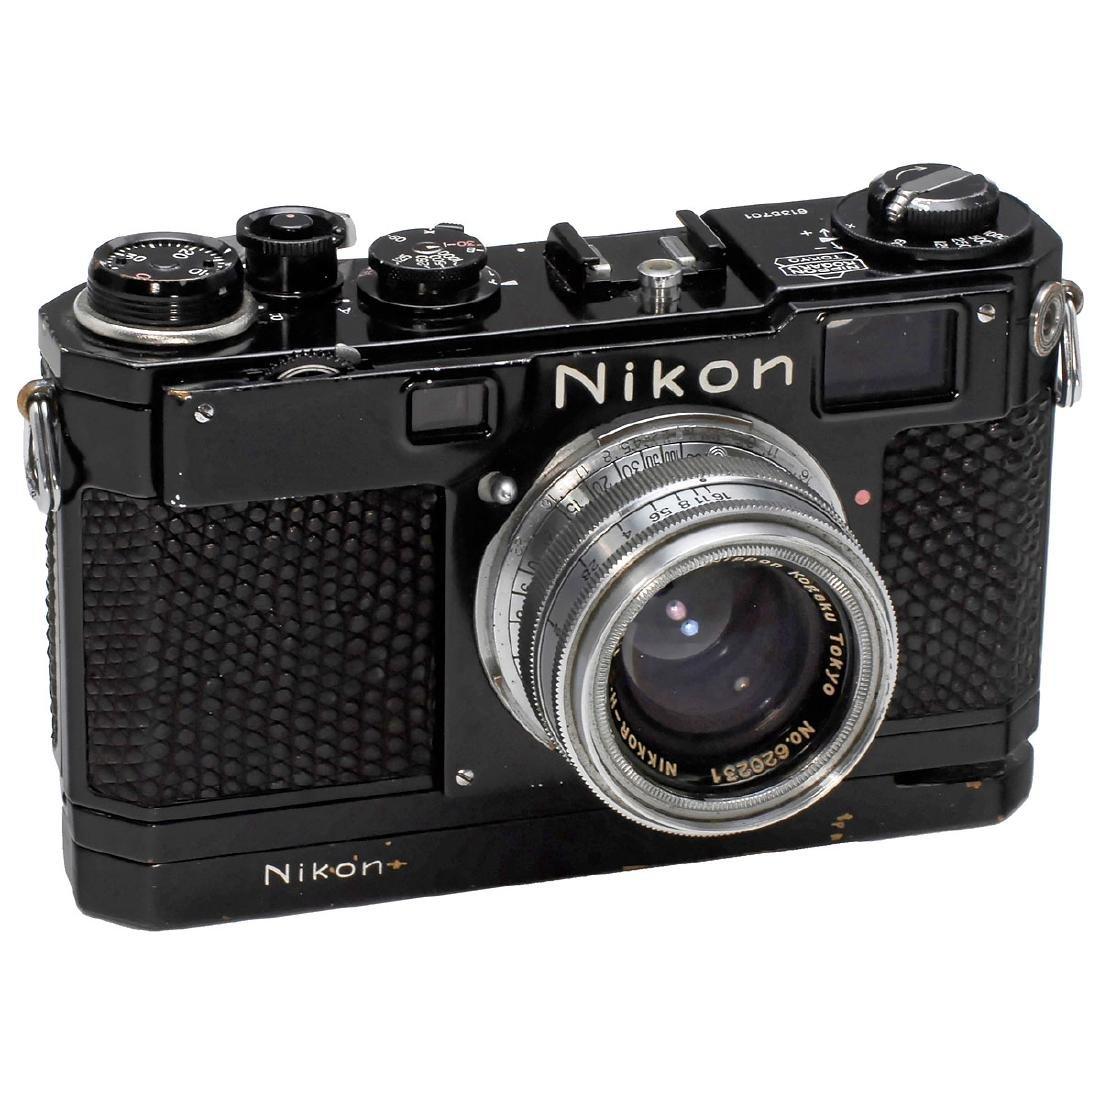 Nikon S2 Black, December 1954